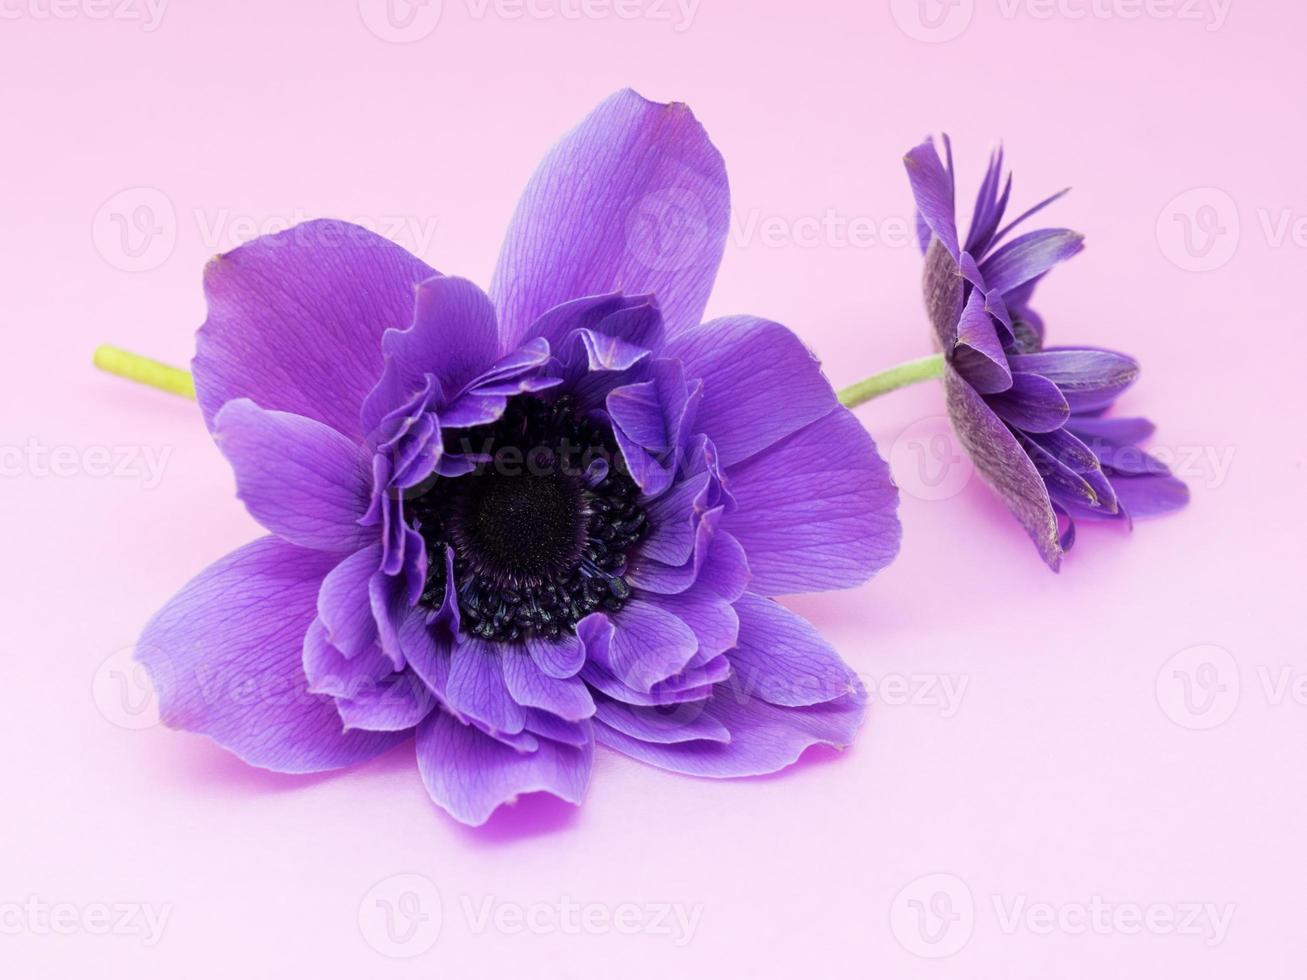 belle anémone violette photo